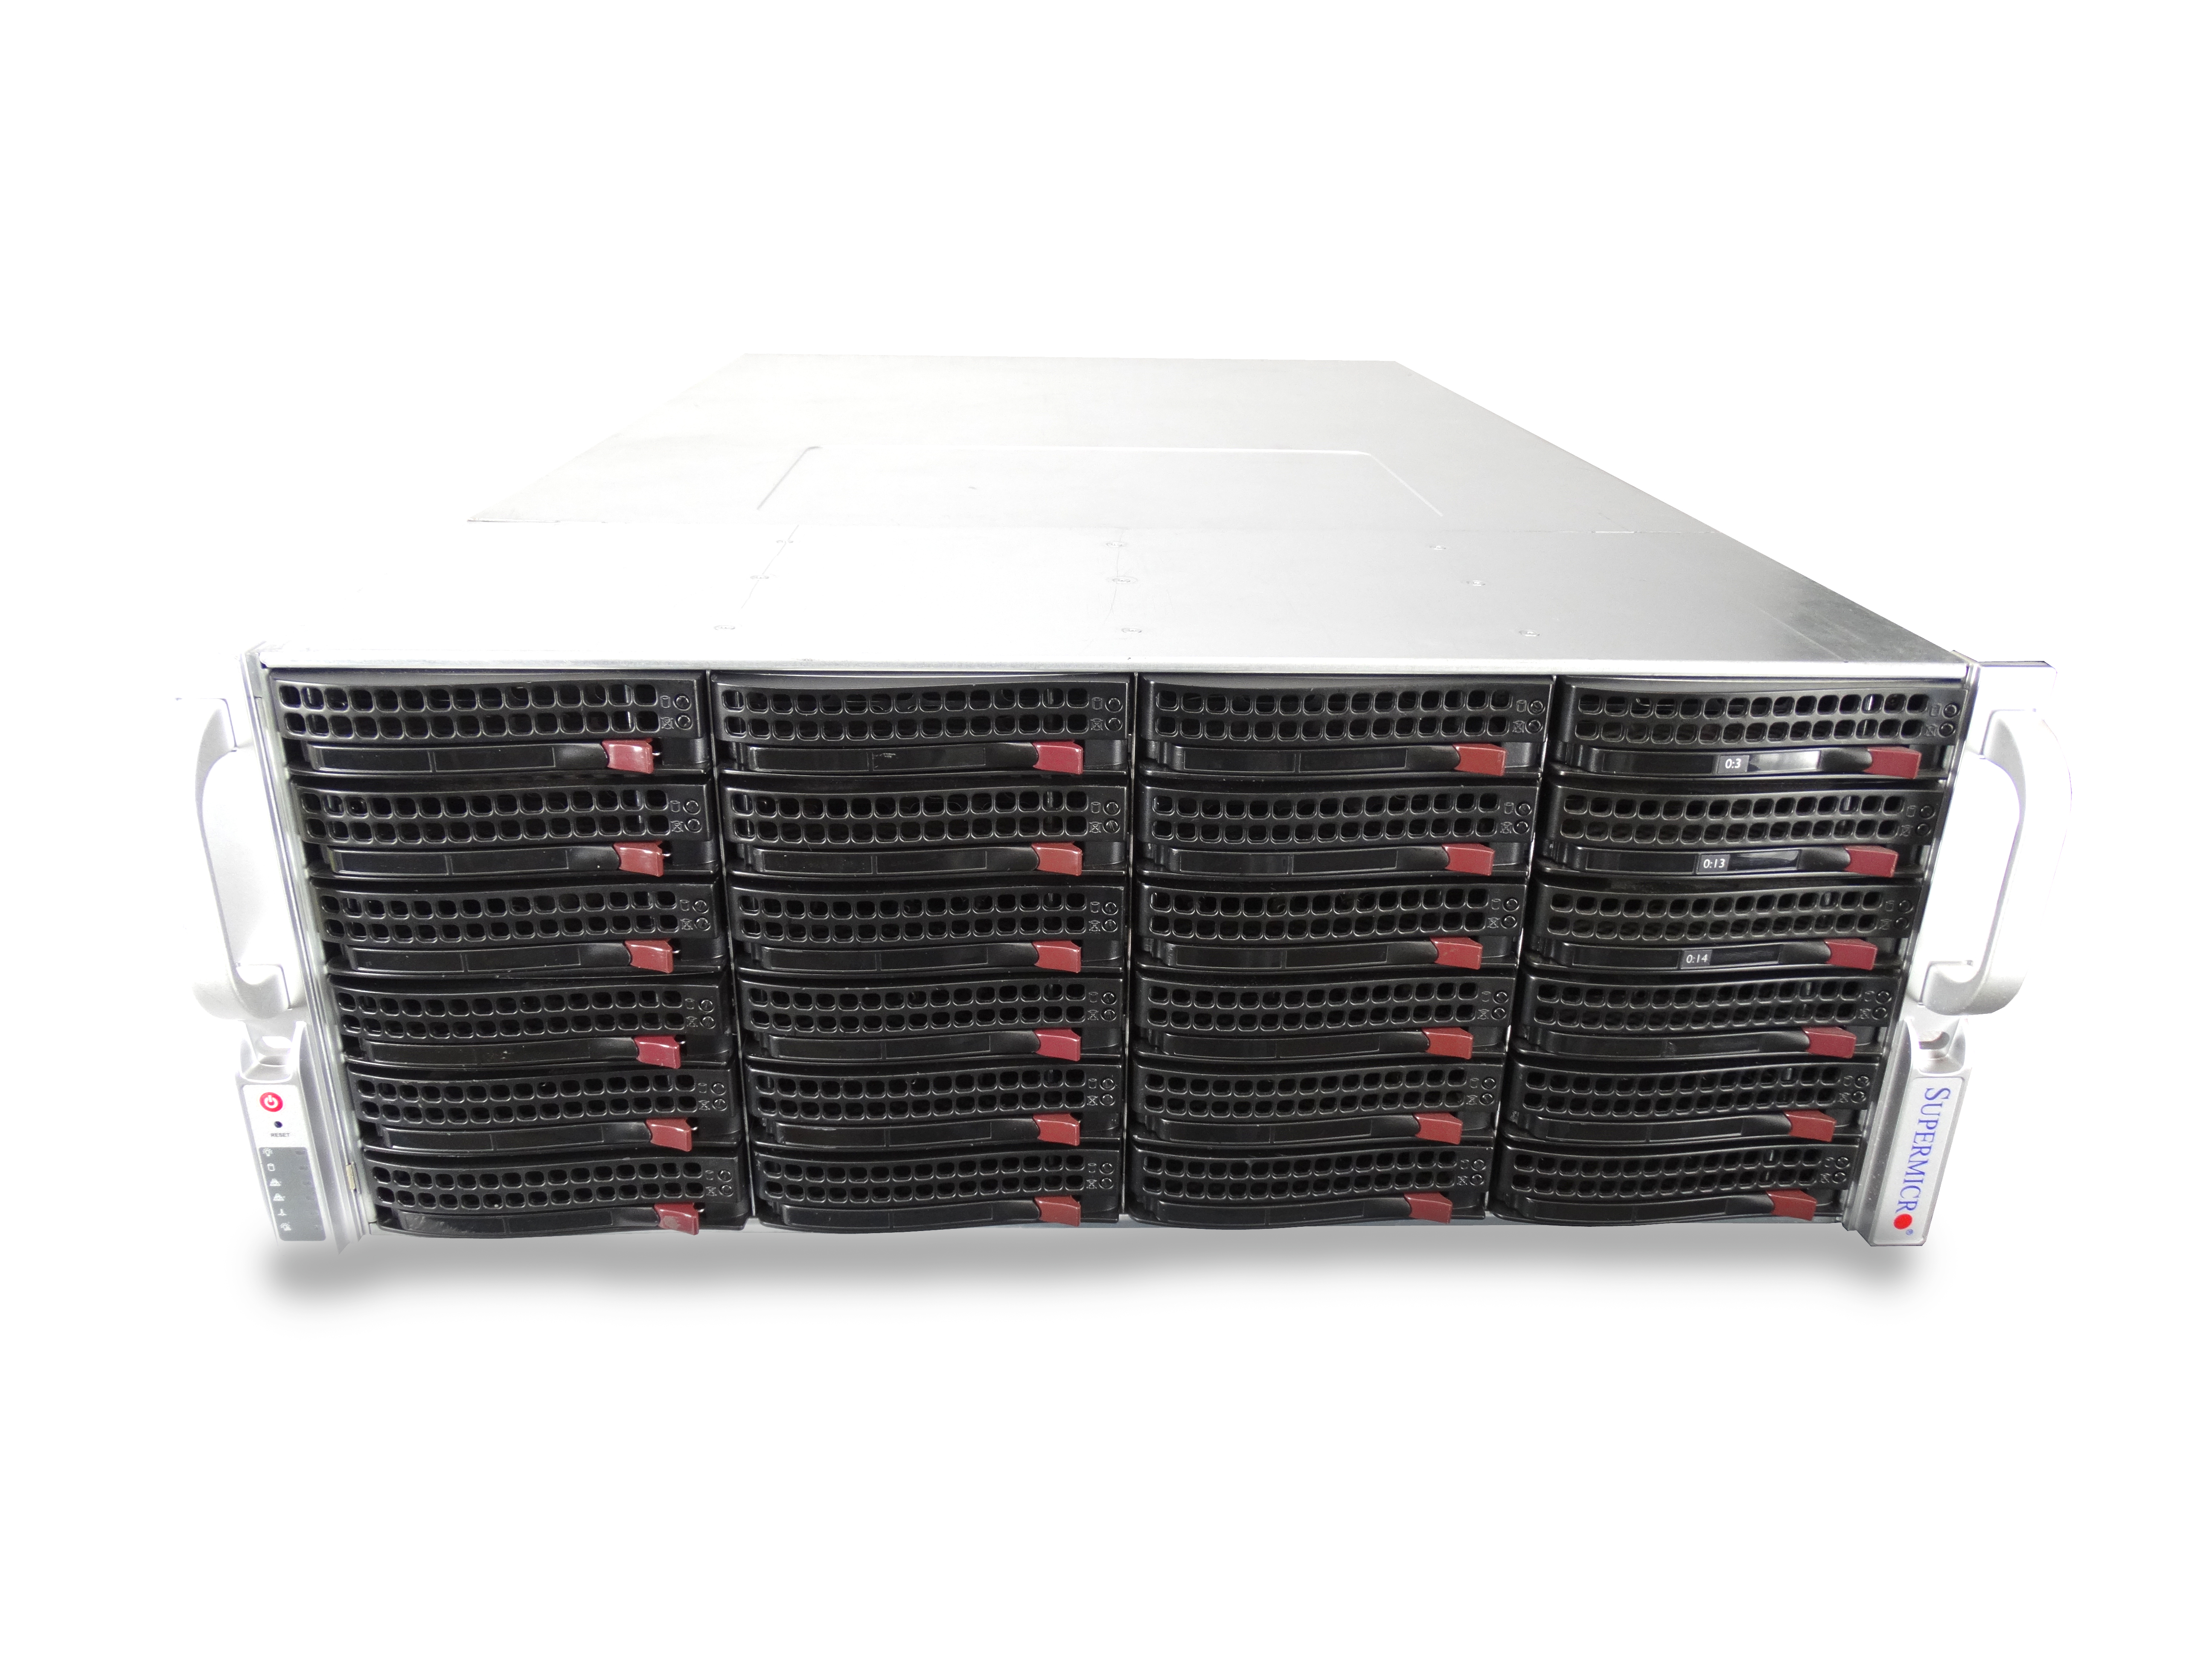 Supermicro-4U-Freenas-ZFS-Unraid-Server-2x-E5-2650v2-8-Core-48GB-24x-Trays